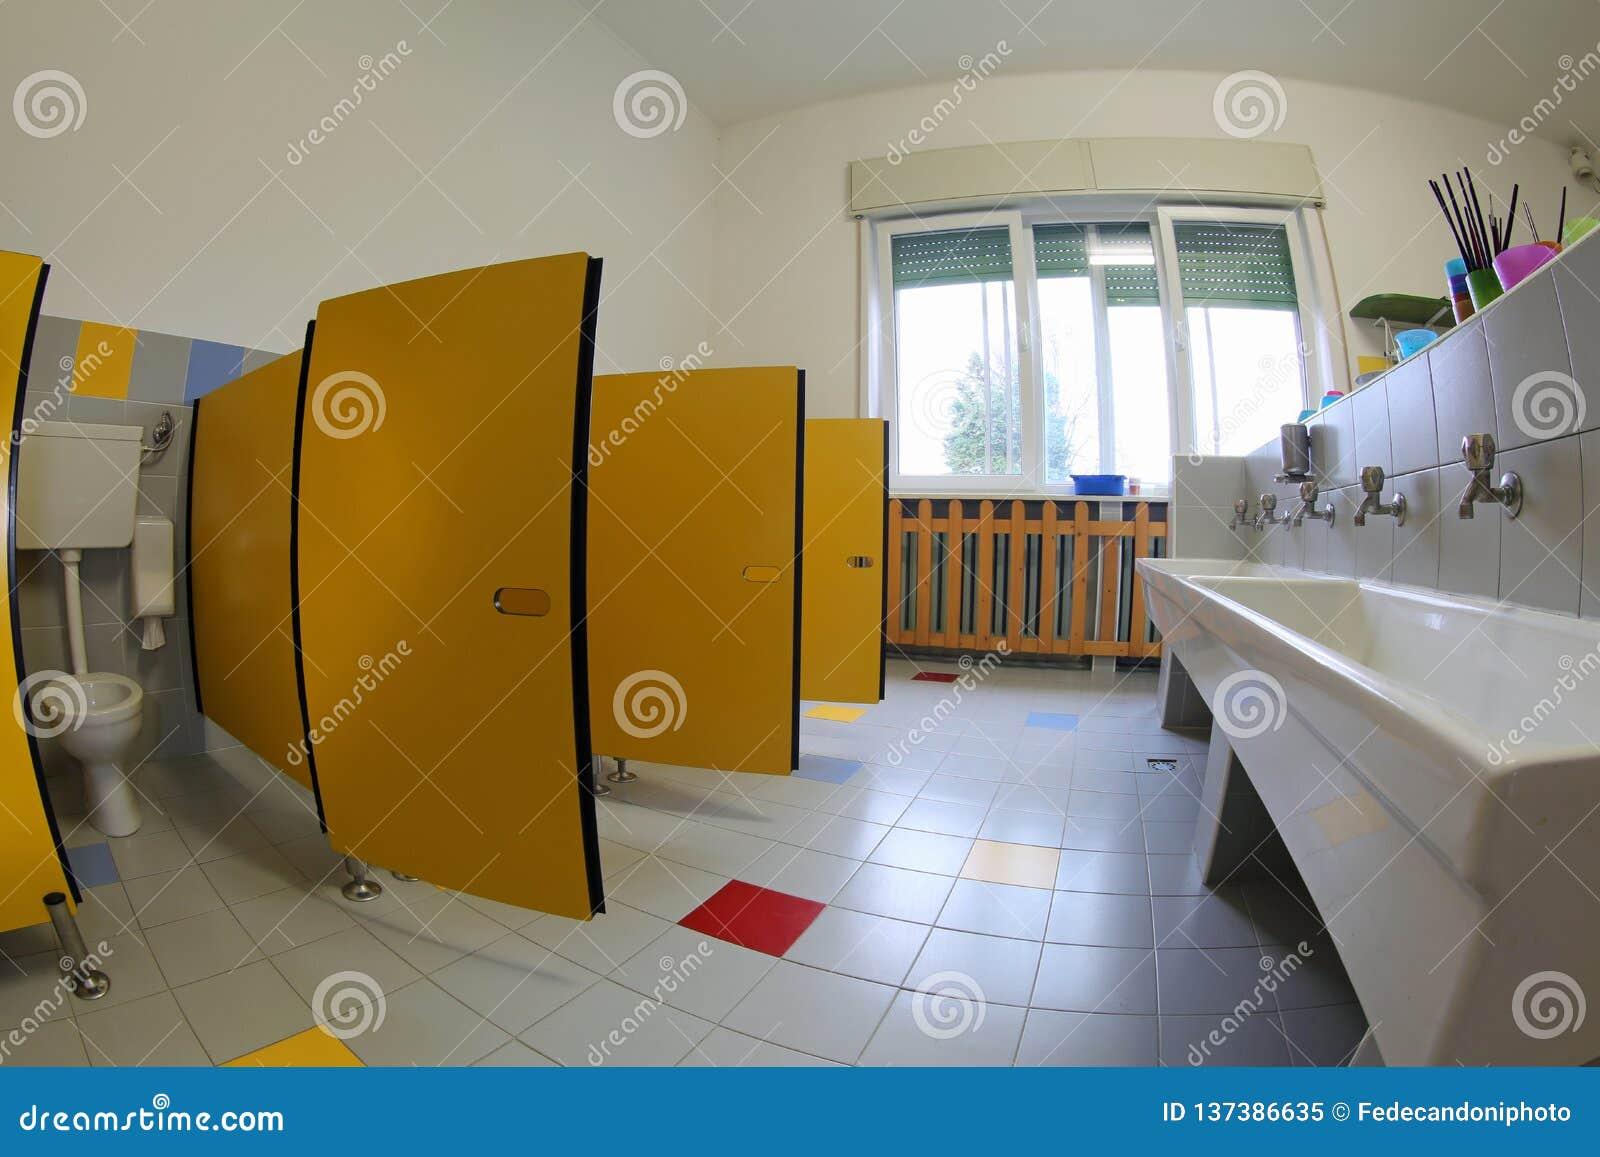 Dentro un bagno senza bambini nella scuola